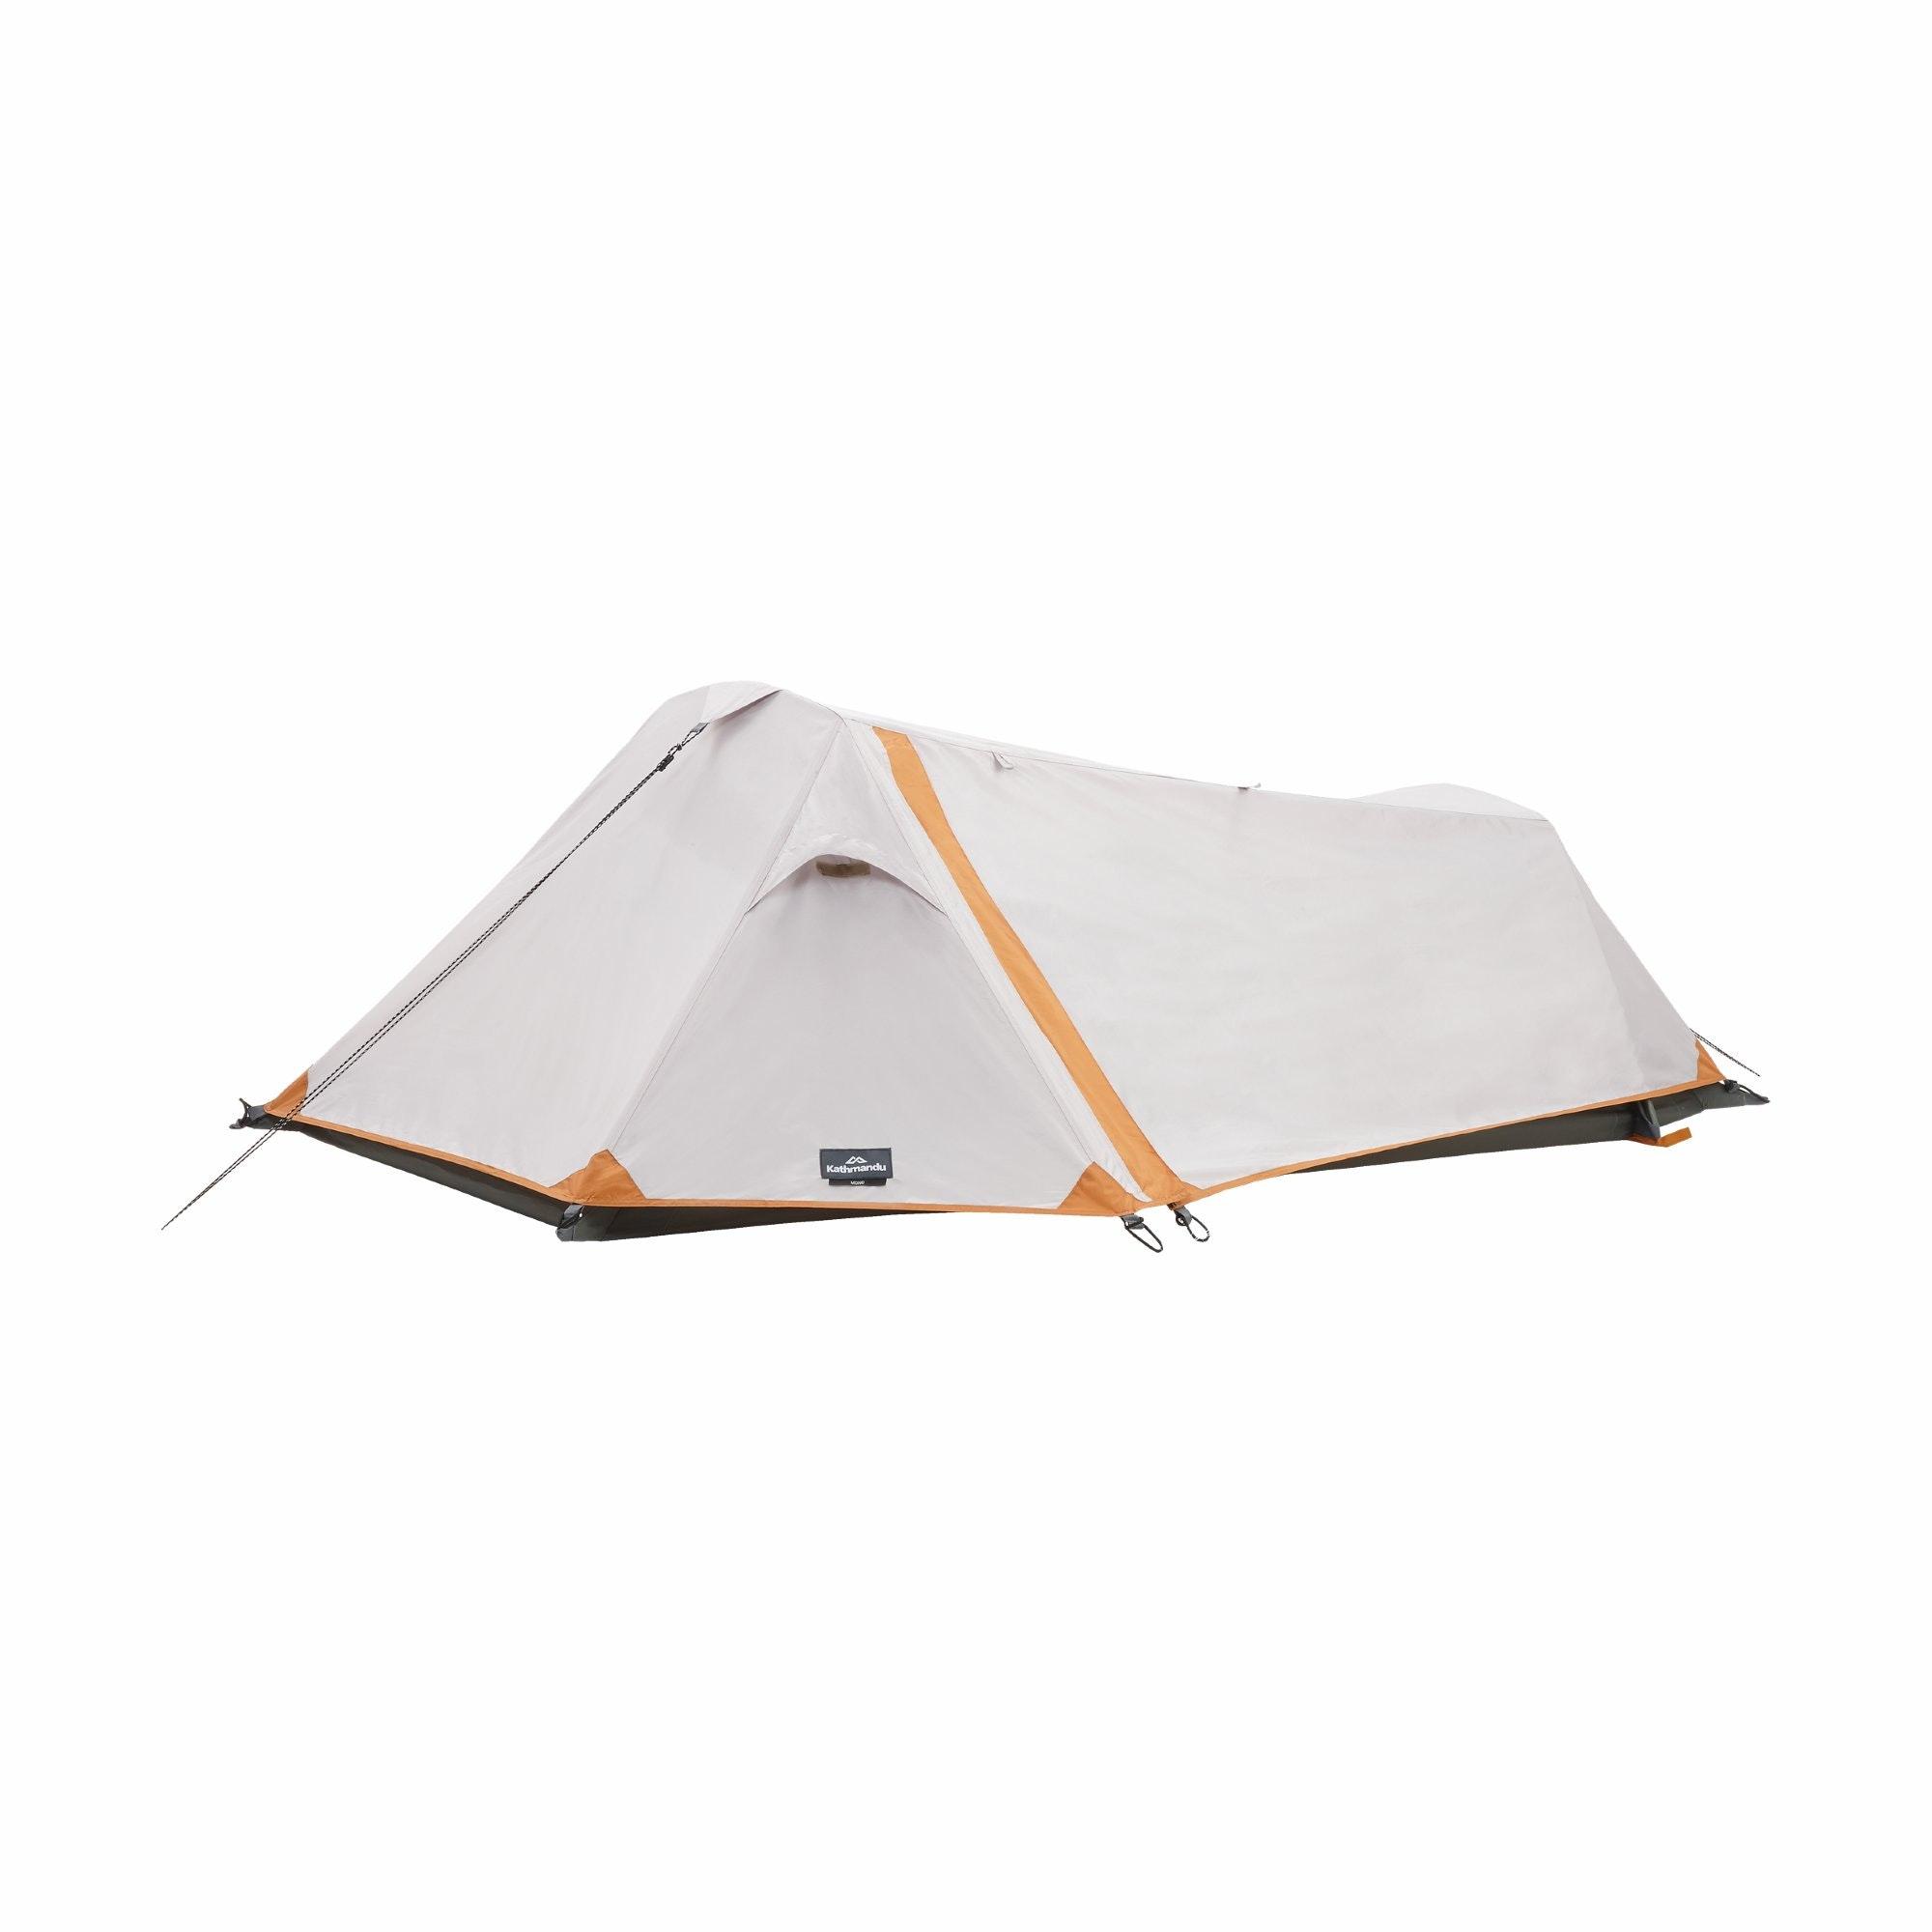 Mono 1 Person Tent v2  sc 1 st  Kathmandu & Mono 1 Person Tent v2 - Sand